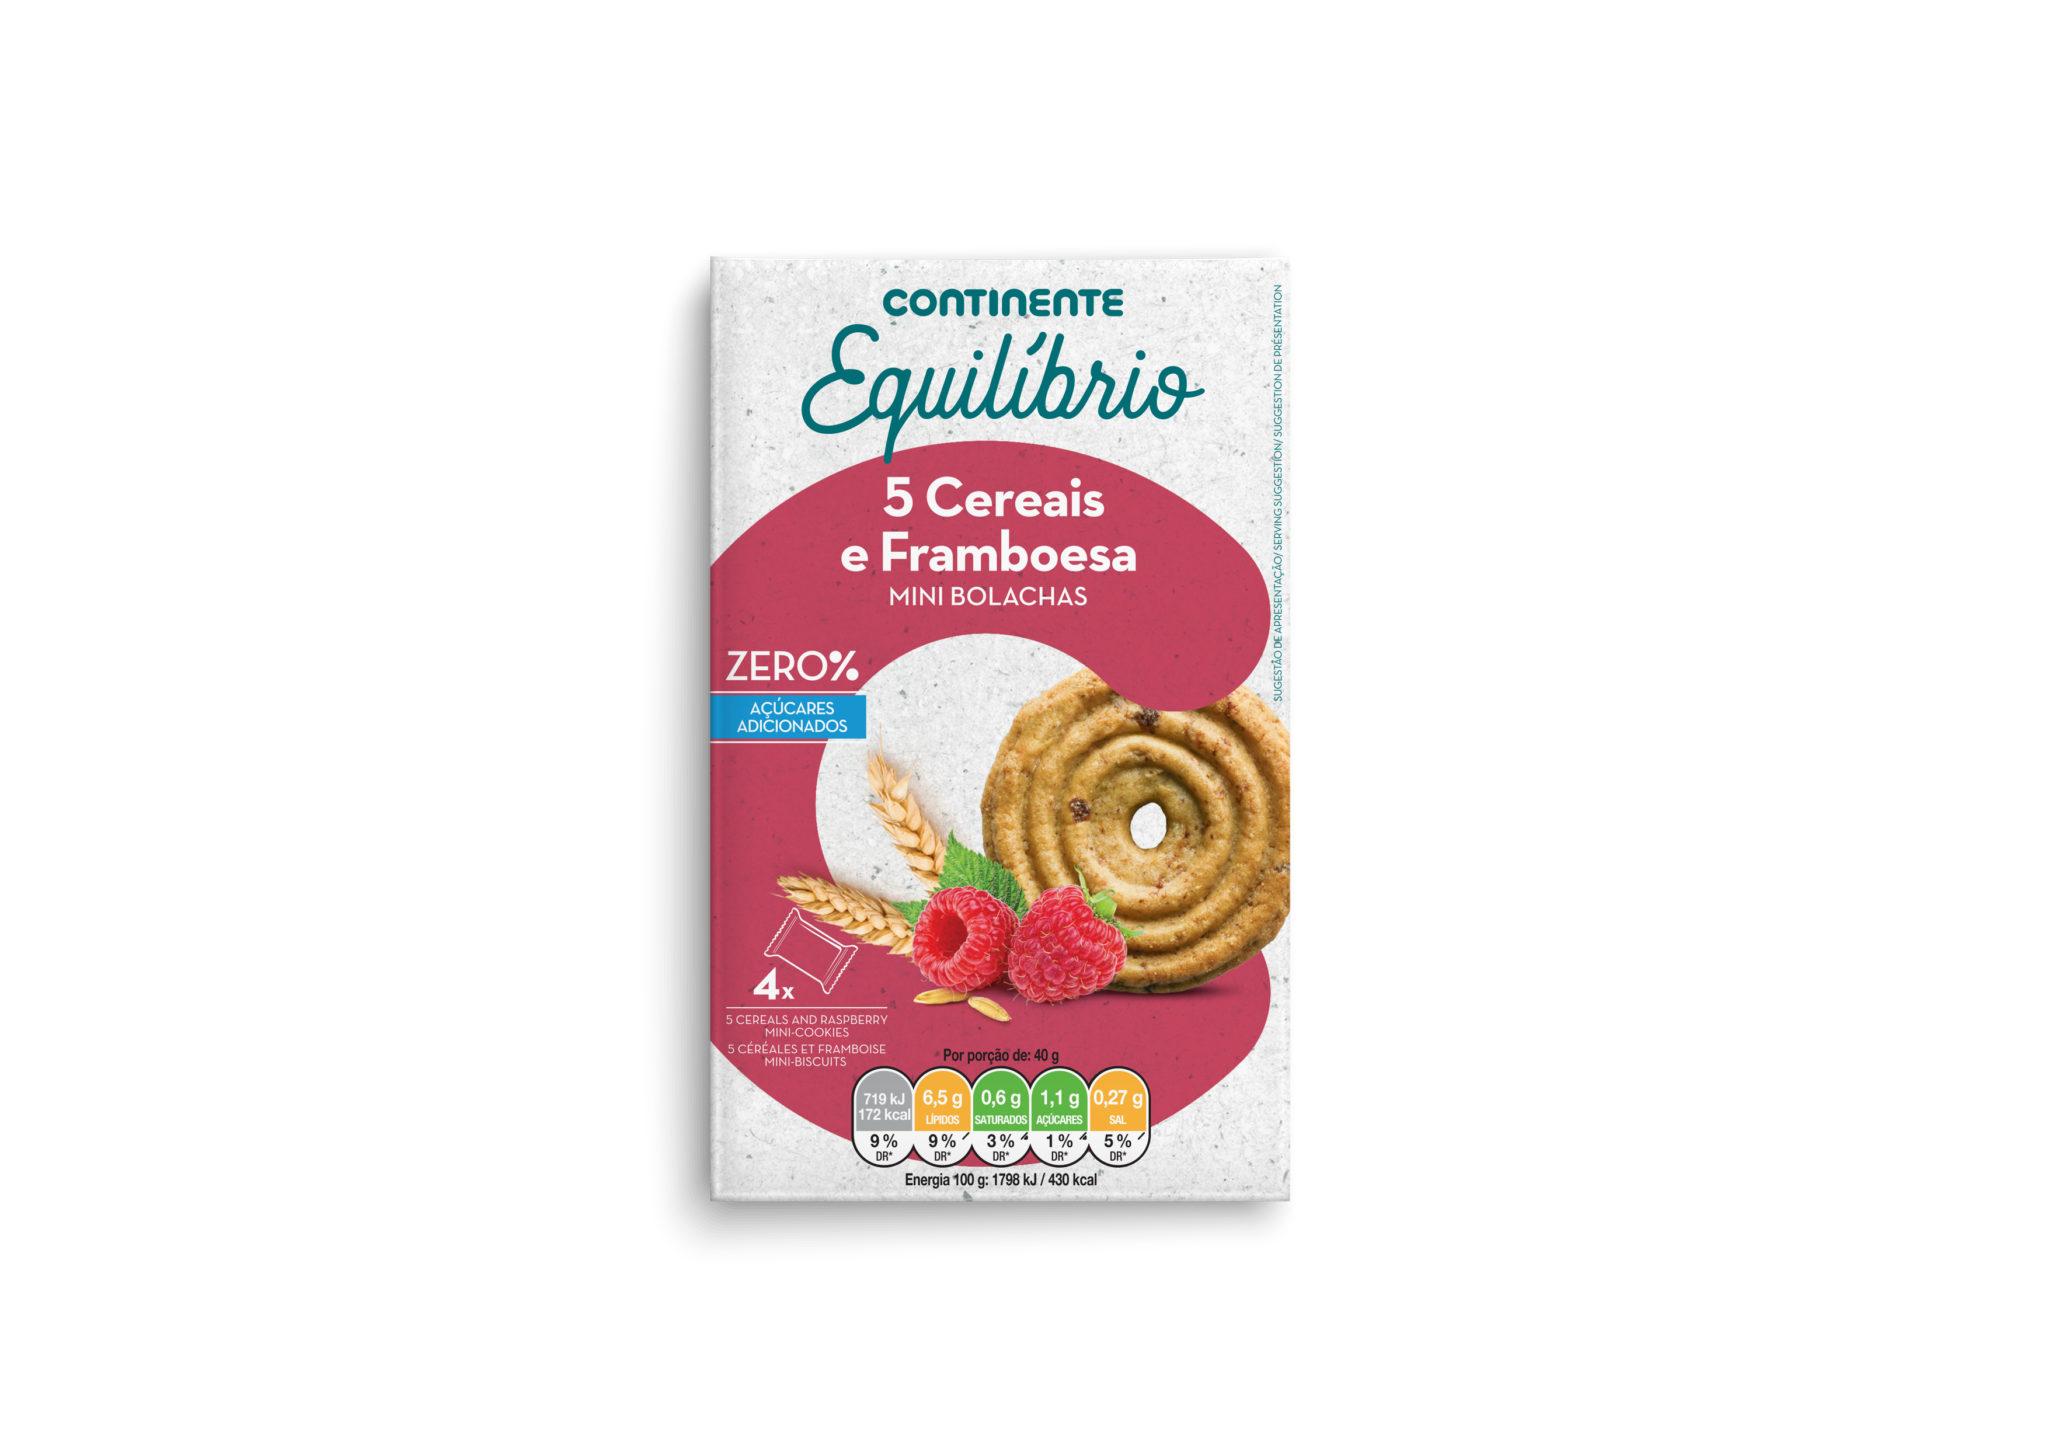 Mini Bolachas 5 Cereais e Framboesa CNT EQL 160g